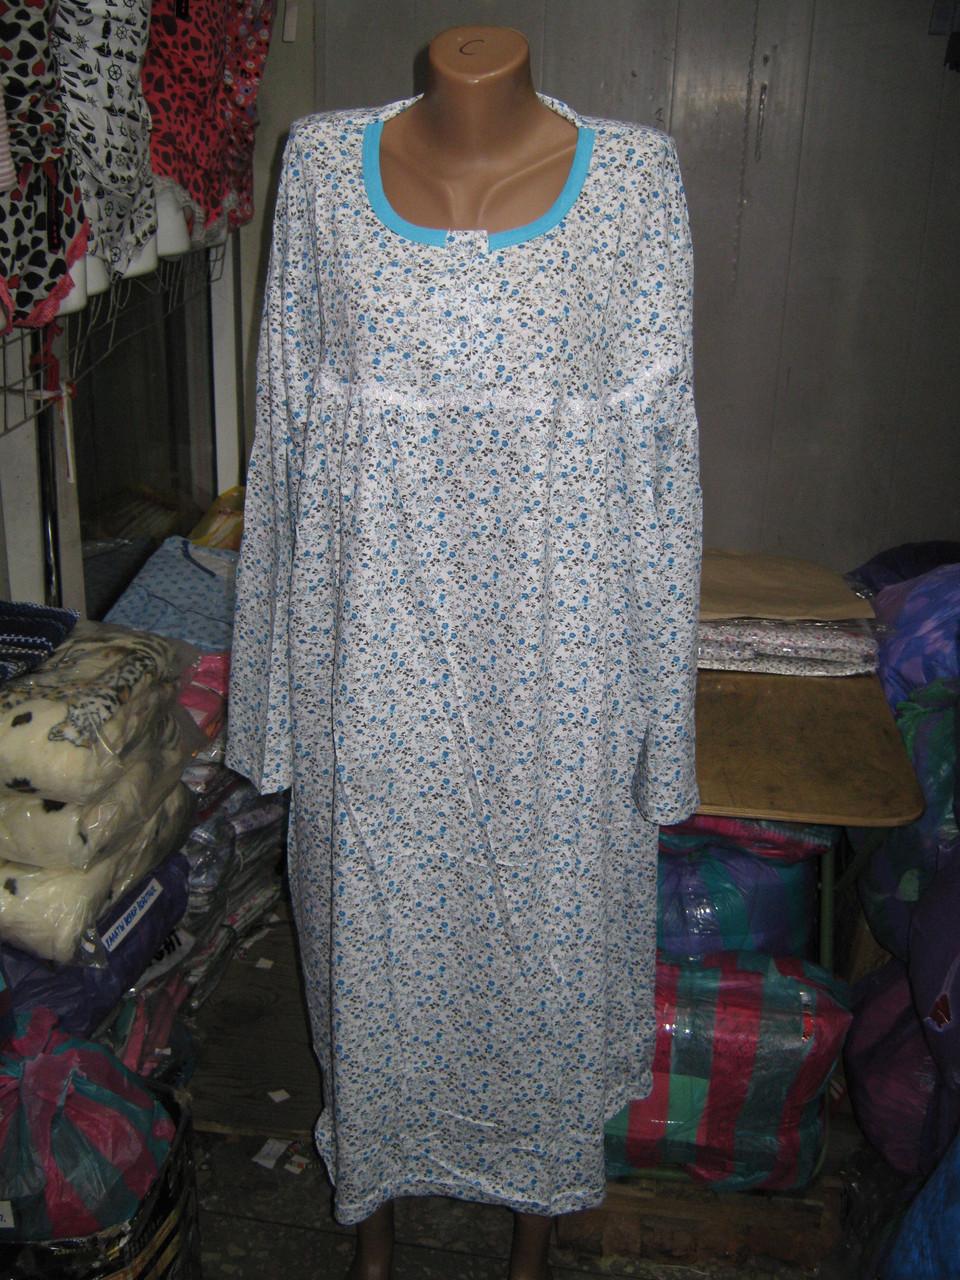 610da3dd52fb148 Ночная рубашка Байка большой размер Мелкий цветок Окантовка: продажа ...